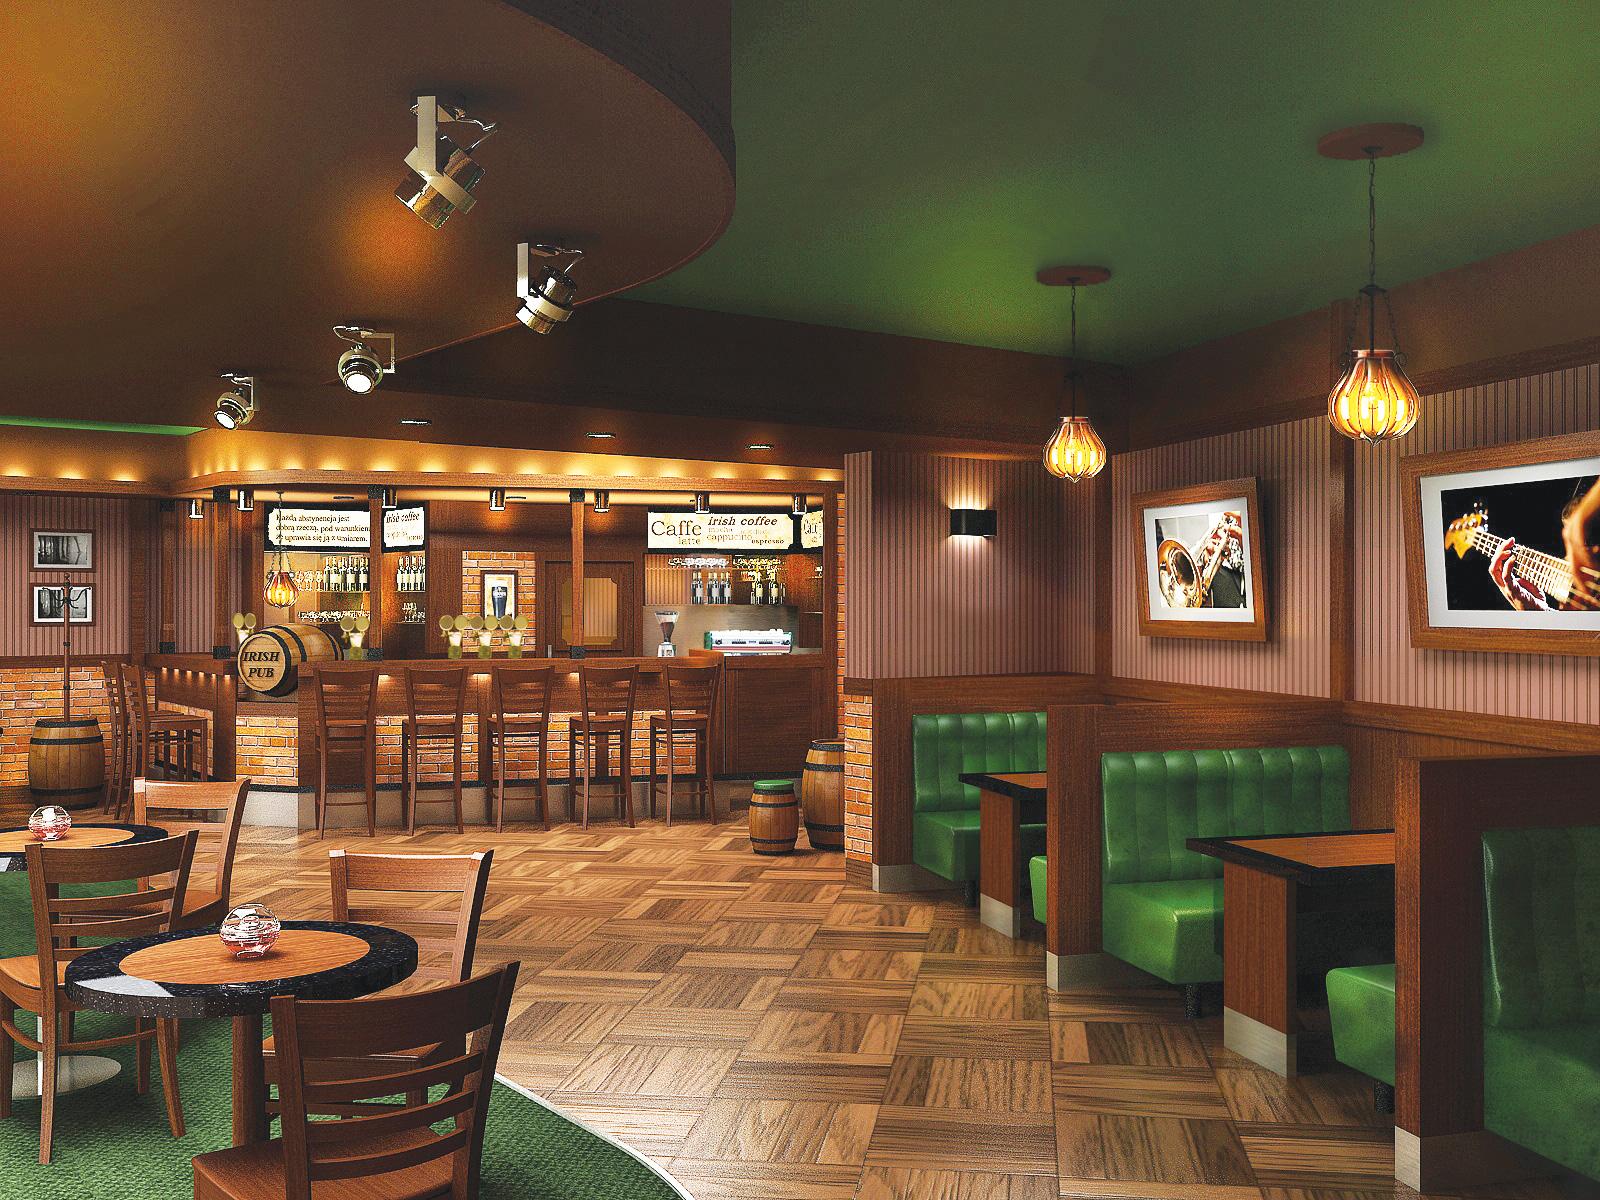 Pub wstylu irlandzkim